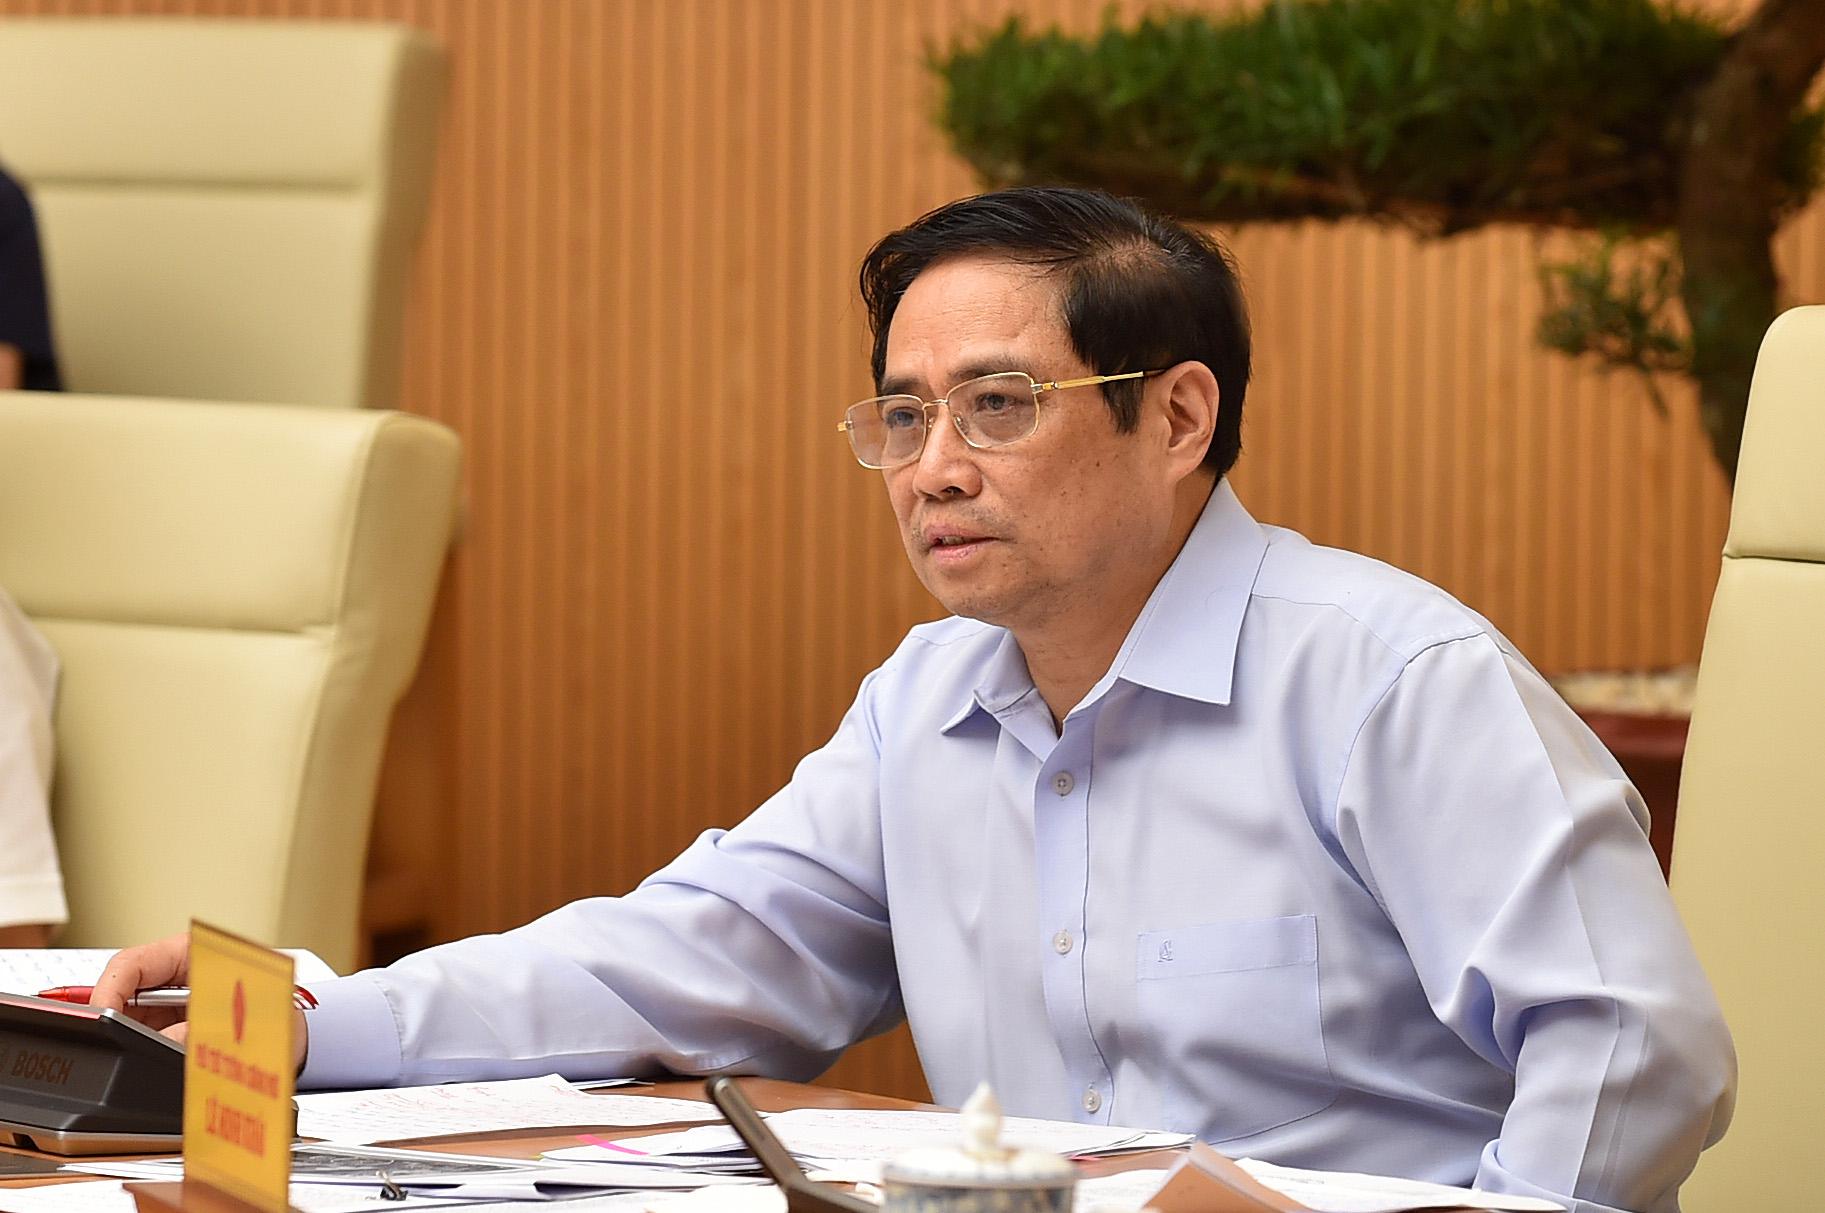 Thủ tướng Phạm Minh Chính chủ trì họp Thường trực Chính phủ với các địa phương về phòng chống Covid-19, sáng 15/8. Ảnh: Nhật Bắc